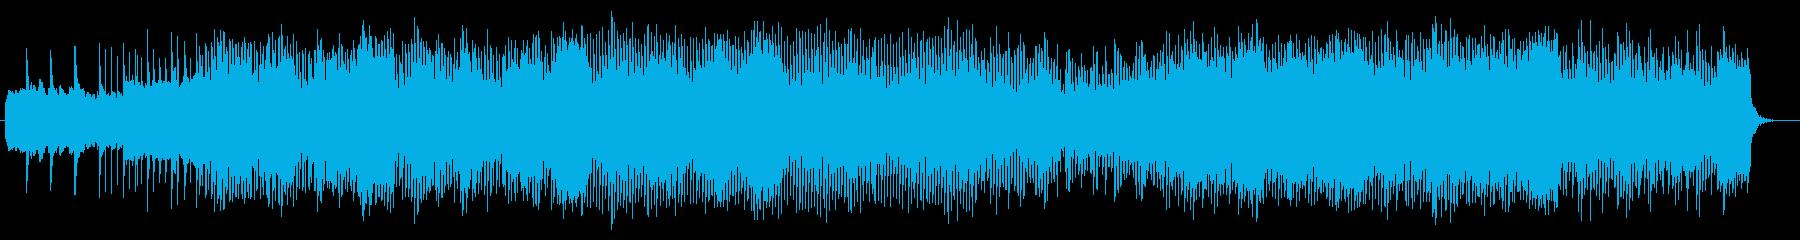 緩やかで繊細なシンセサウンドの再生済みの波形